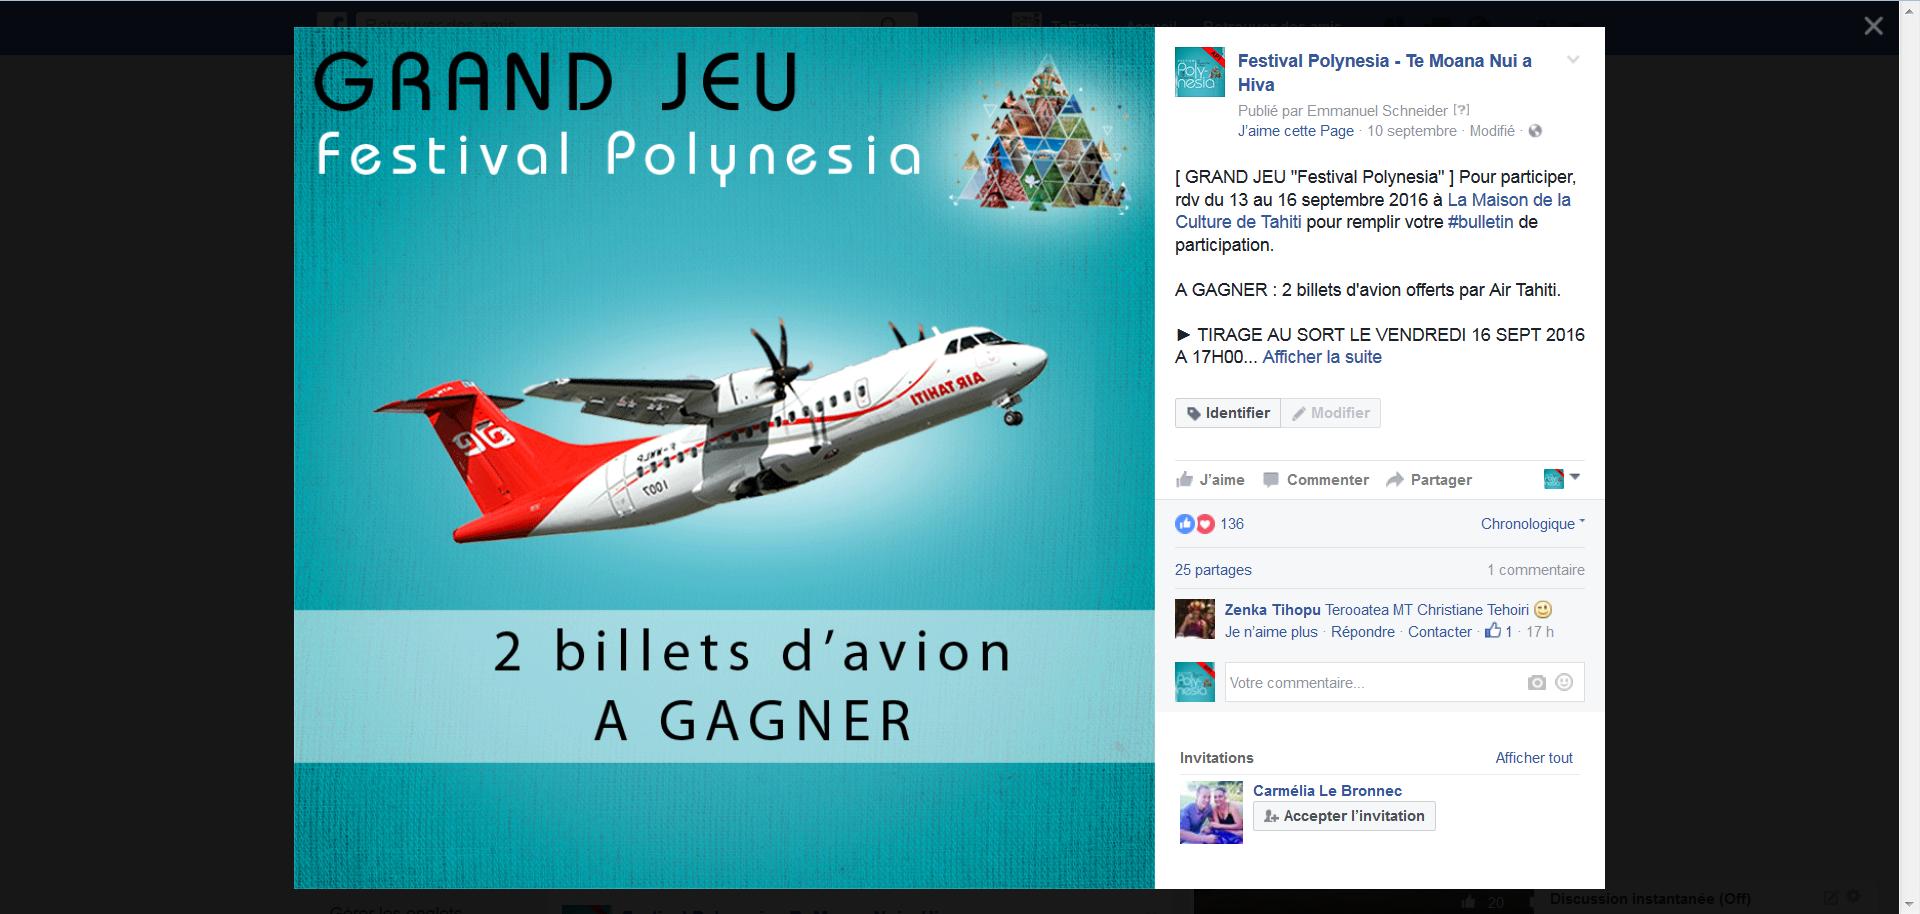 fb-polynesia-jeux